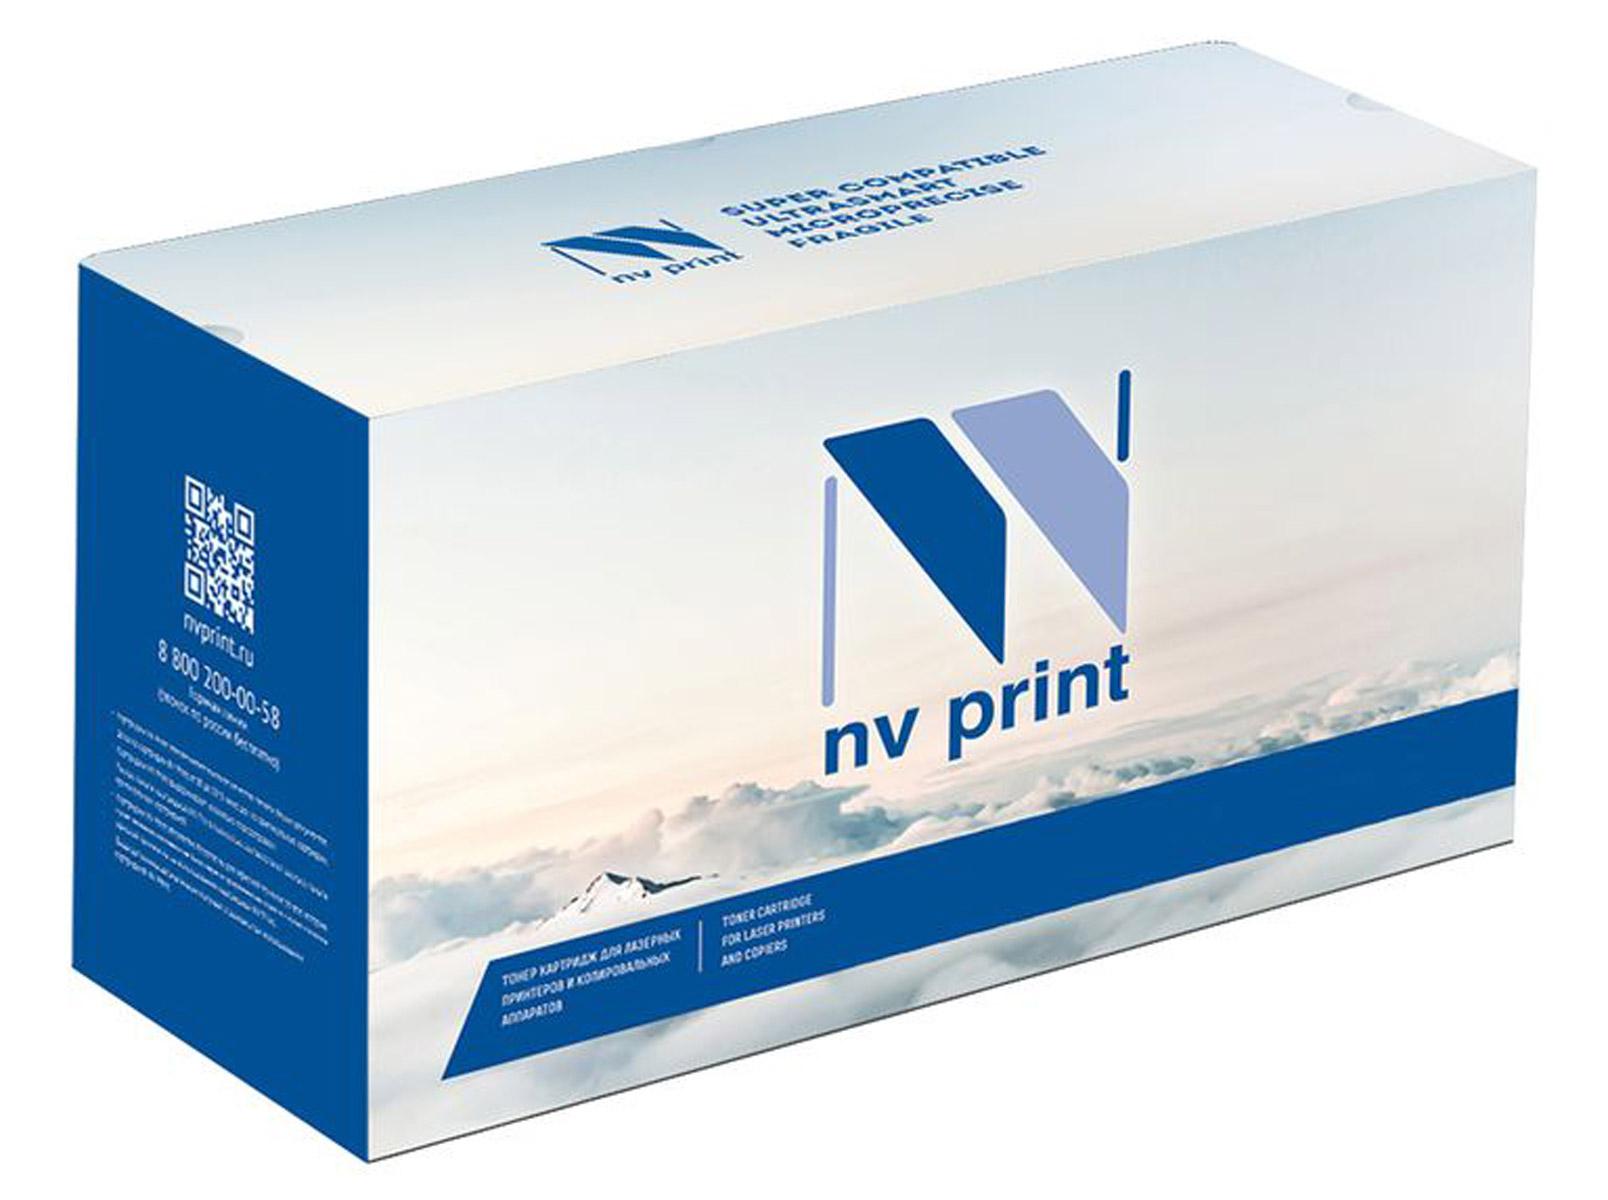 NV Print 106R01159, Black тонер-картридж для Xerox Phaser 3117/3122/3124NV-106R01159Совместимый лазерный картридж NV Print 106R01159 для печатающих устройств Xerox Phaser - это альтернатива приобретению оригинальных расходных материалов. При этом качество печати остается высоким. Картридж обеспечивает повышенную чёткость чёрного текста и плавность переходов оттенков серого цвета и полутонов, позволяет отображать мельчайшие детали изображения. Лазерные принтеры, копировальные аппараты и МФУ являются более выгодными в печати, чем струйные устройства, так как лазерных картриджей хватает на значительно большее количество отпечатков, чем обычных. Для печати в данном случае используются не чернила, а тонер.